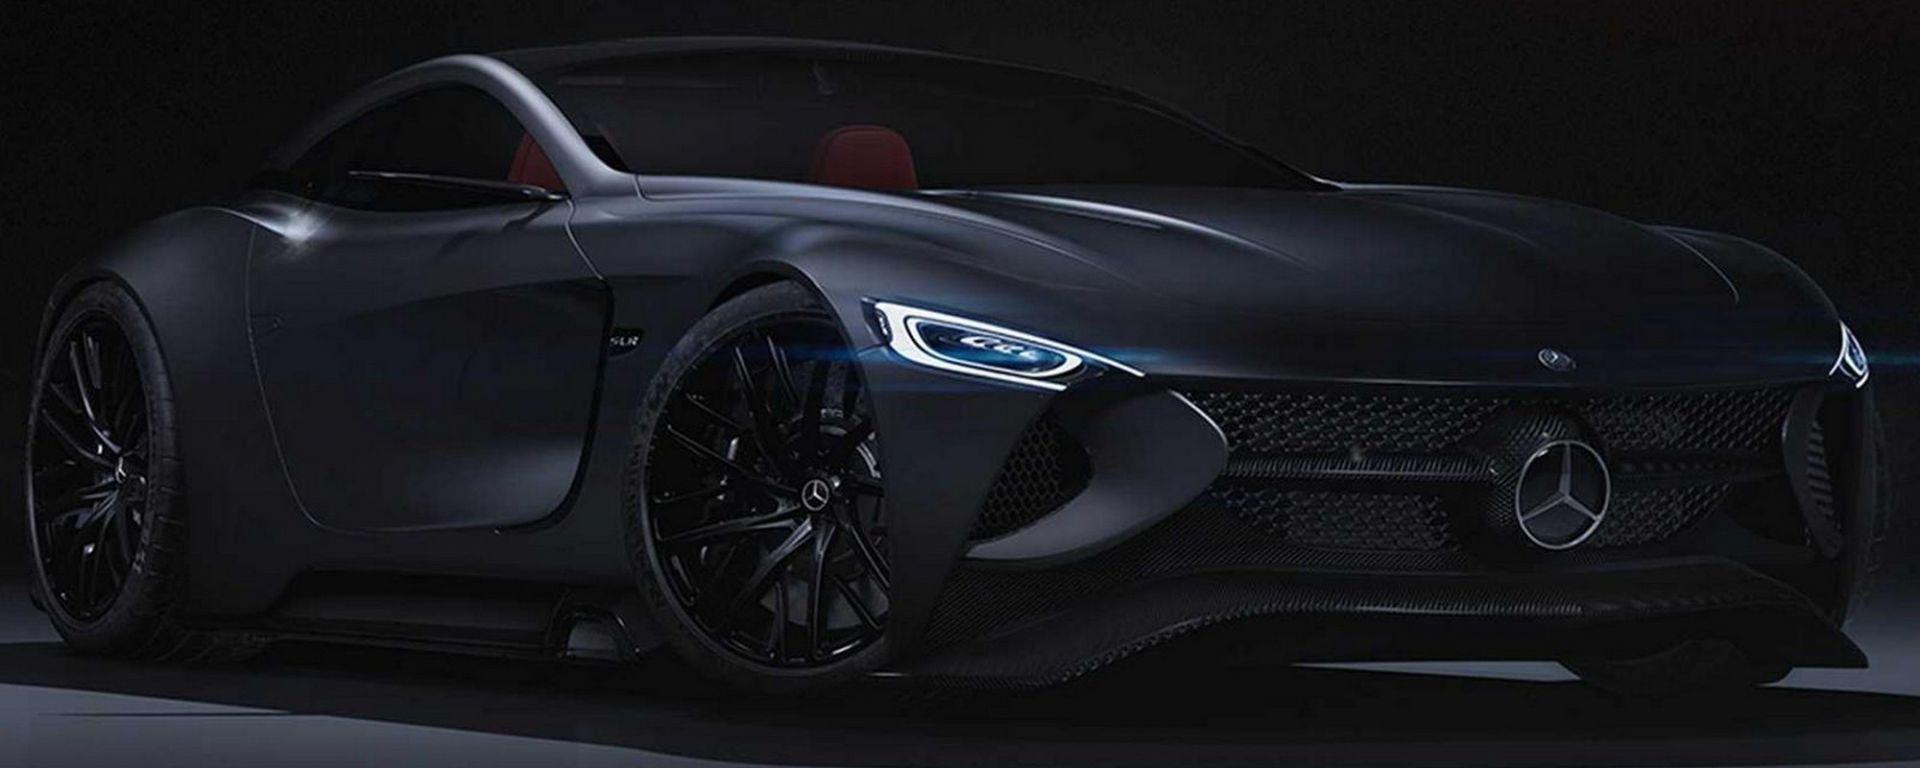 Mercedes SLR Vision Concept: un'erede (virtuale) per la SLR McLaren